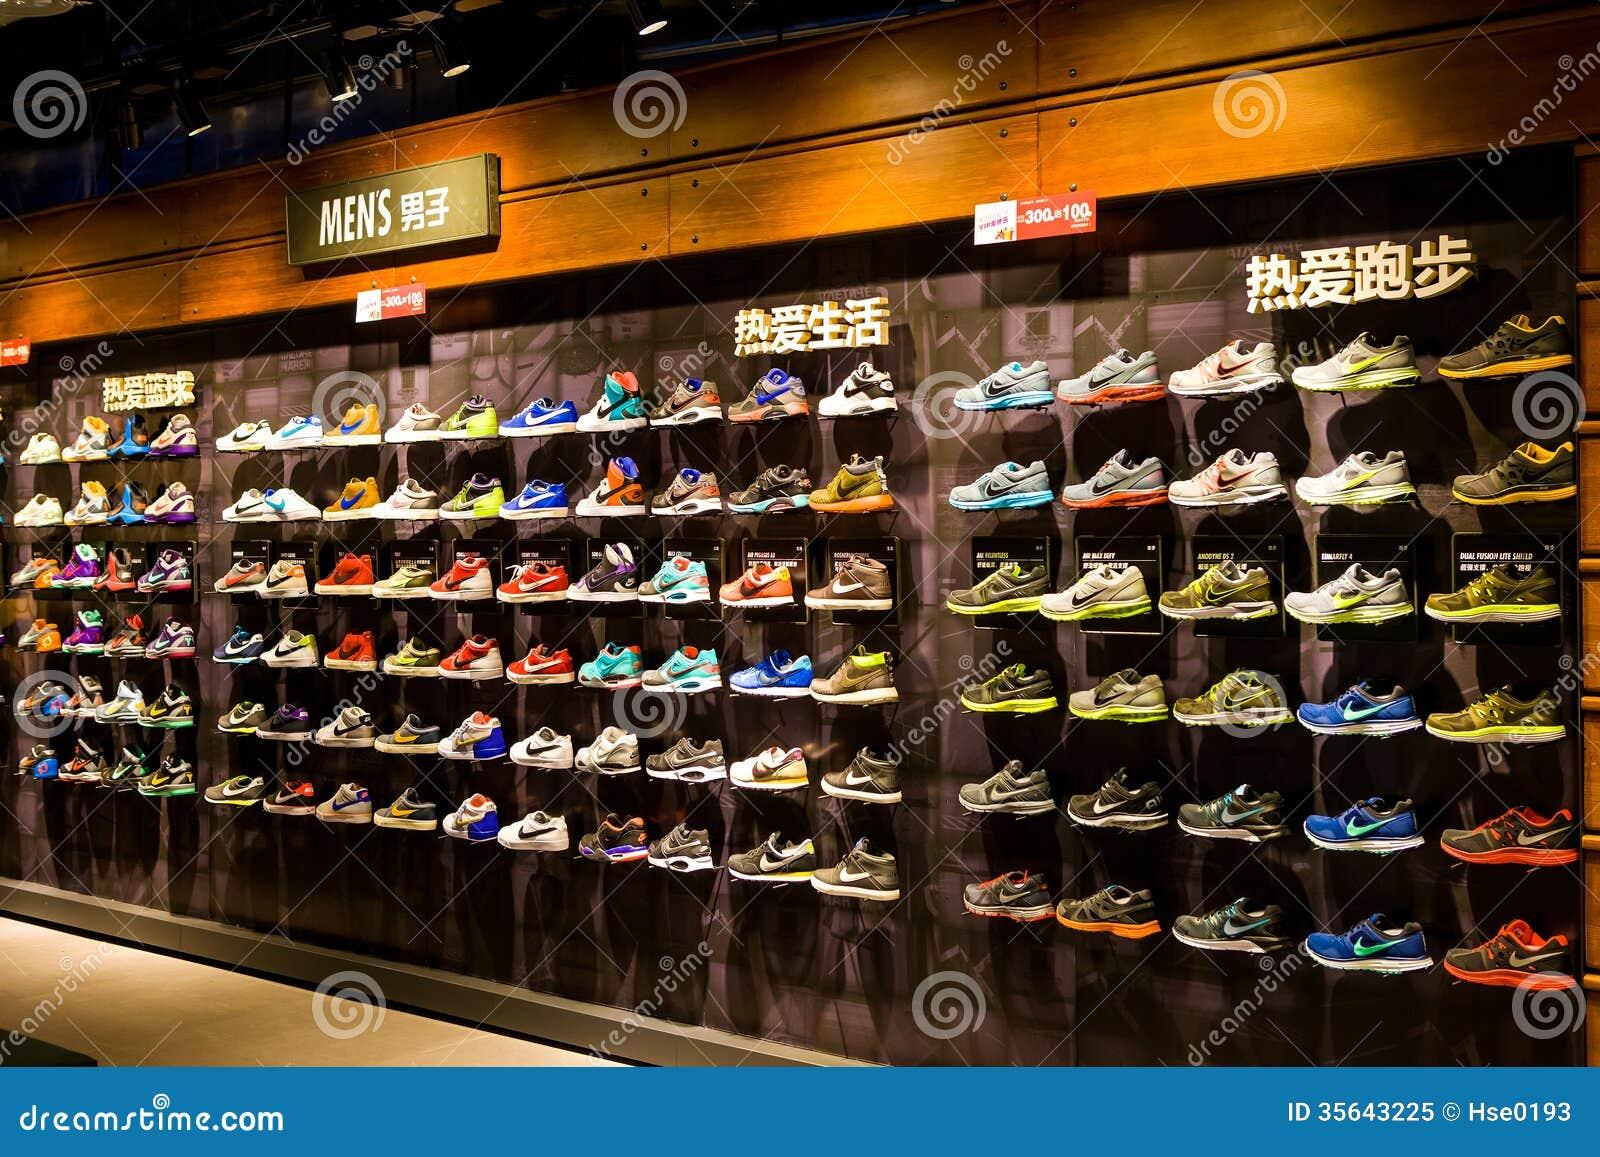 Nike Specialità Editoriale Immagine Di Negozio p4x0qw6q